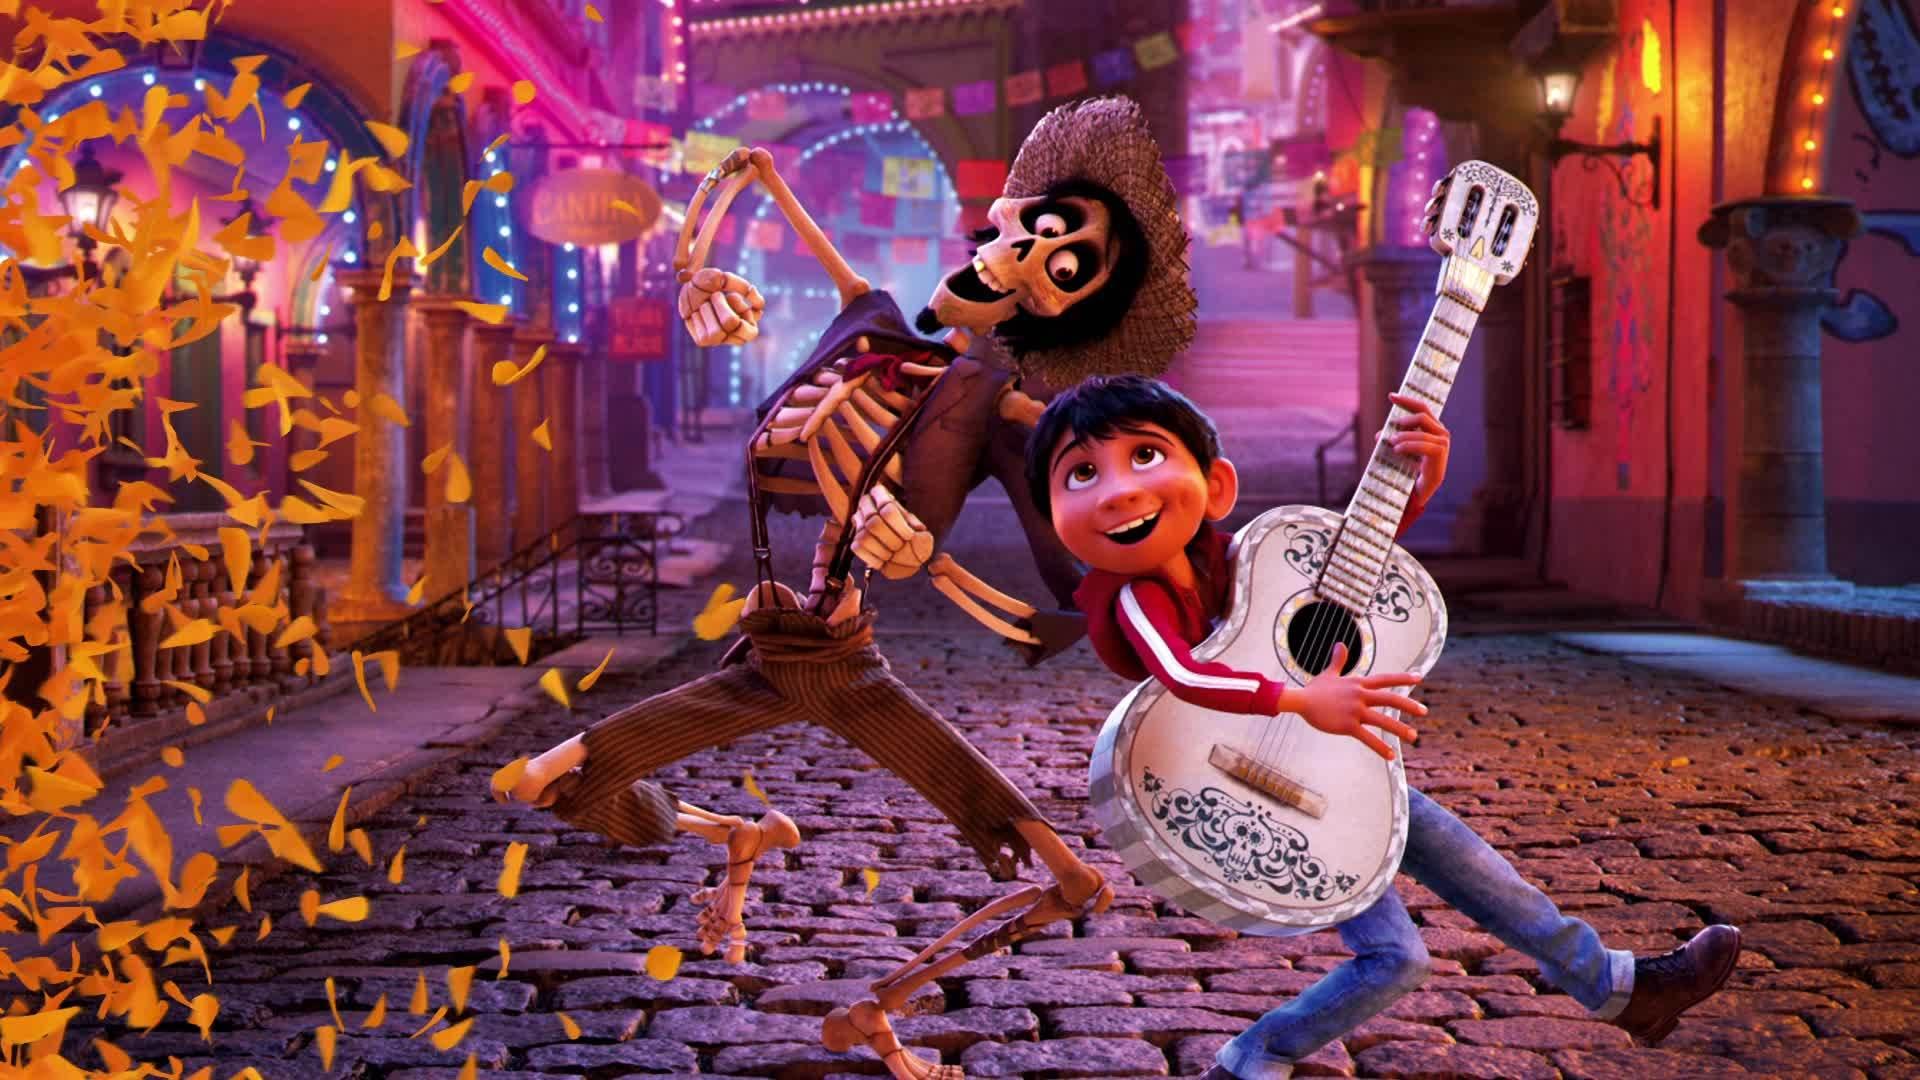 L'esperienza negli inferi raccontata da Orfeo e Miguel del film Disney Coco